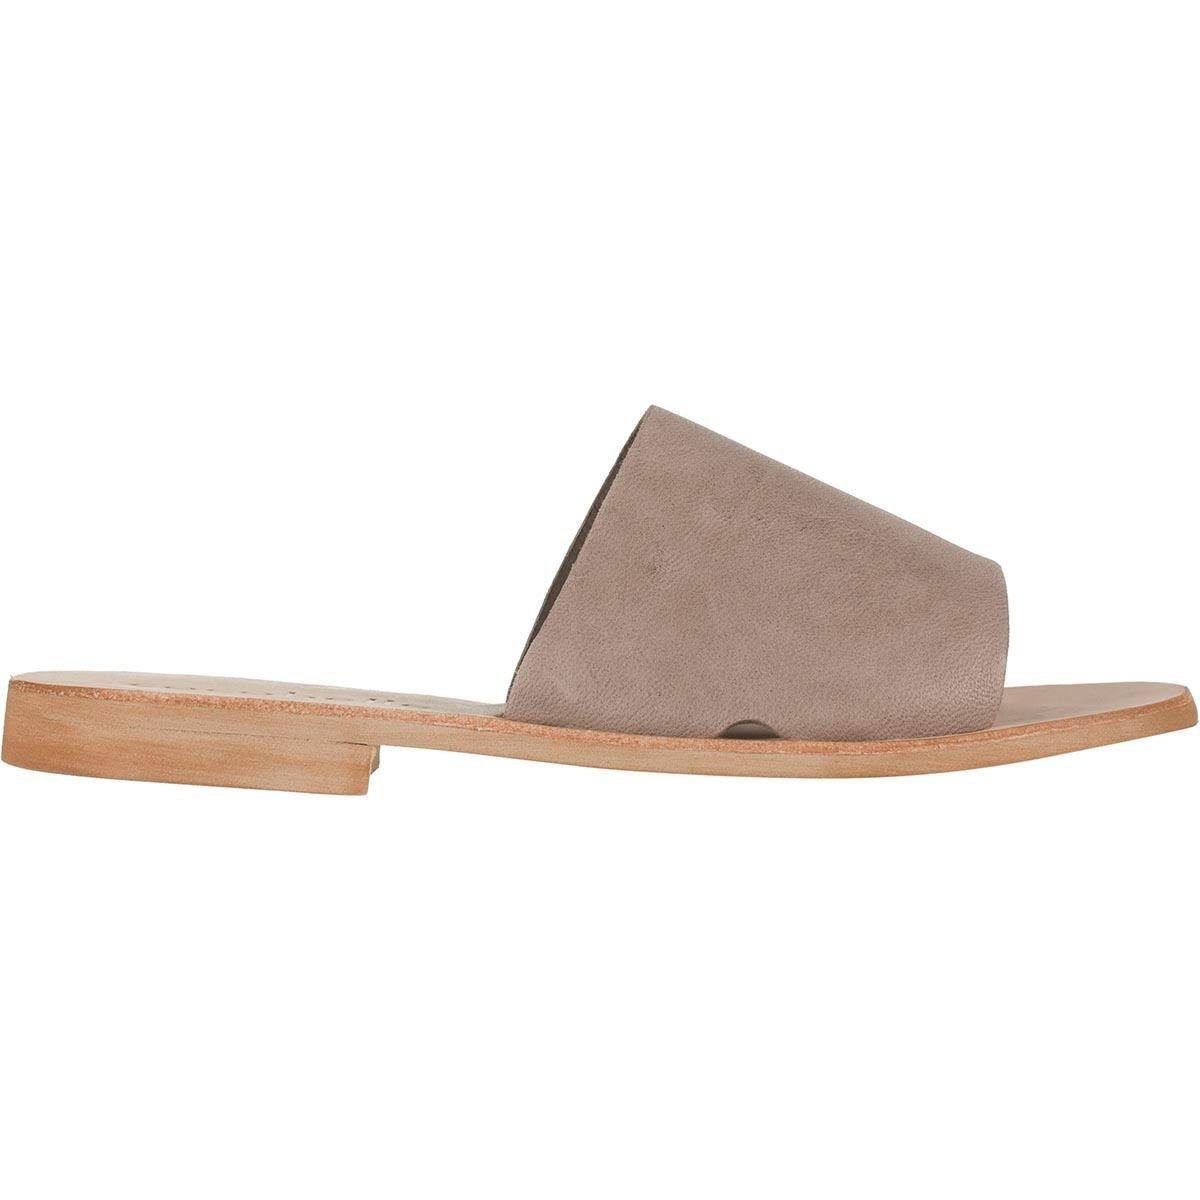 Cocobelle Bhea Slide Sandal - Women's B07B4GKNM1 41.0|Grey